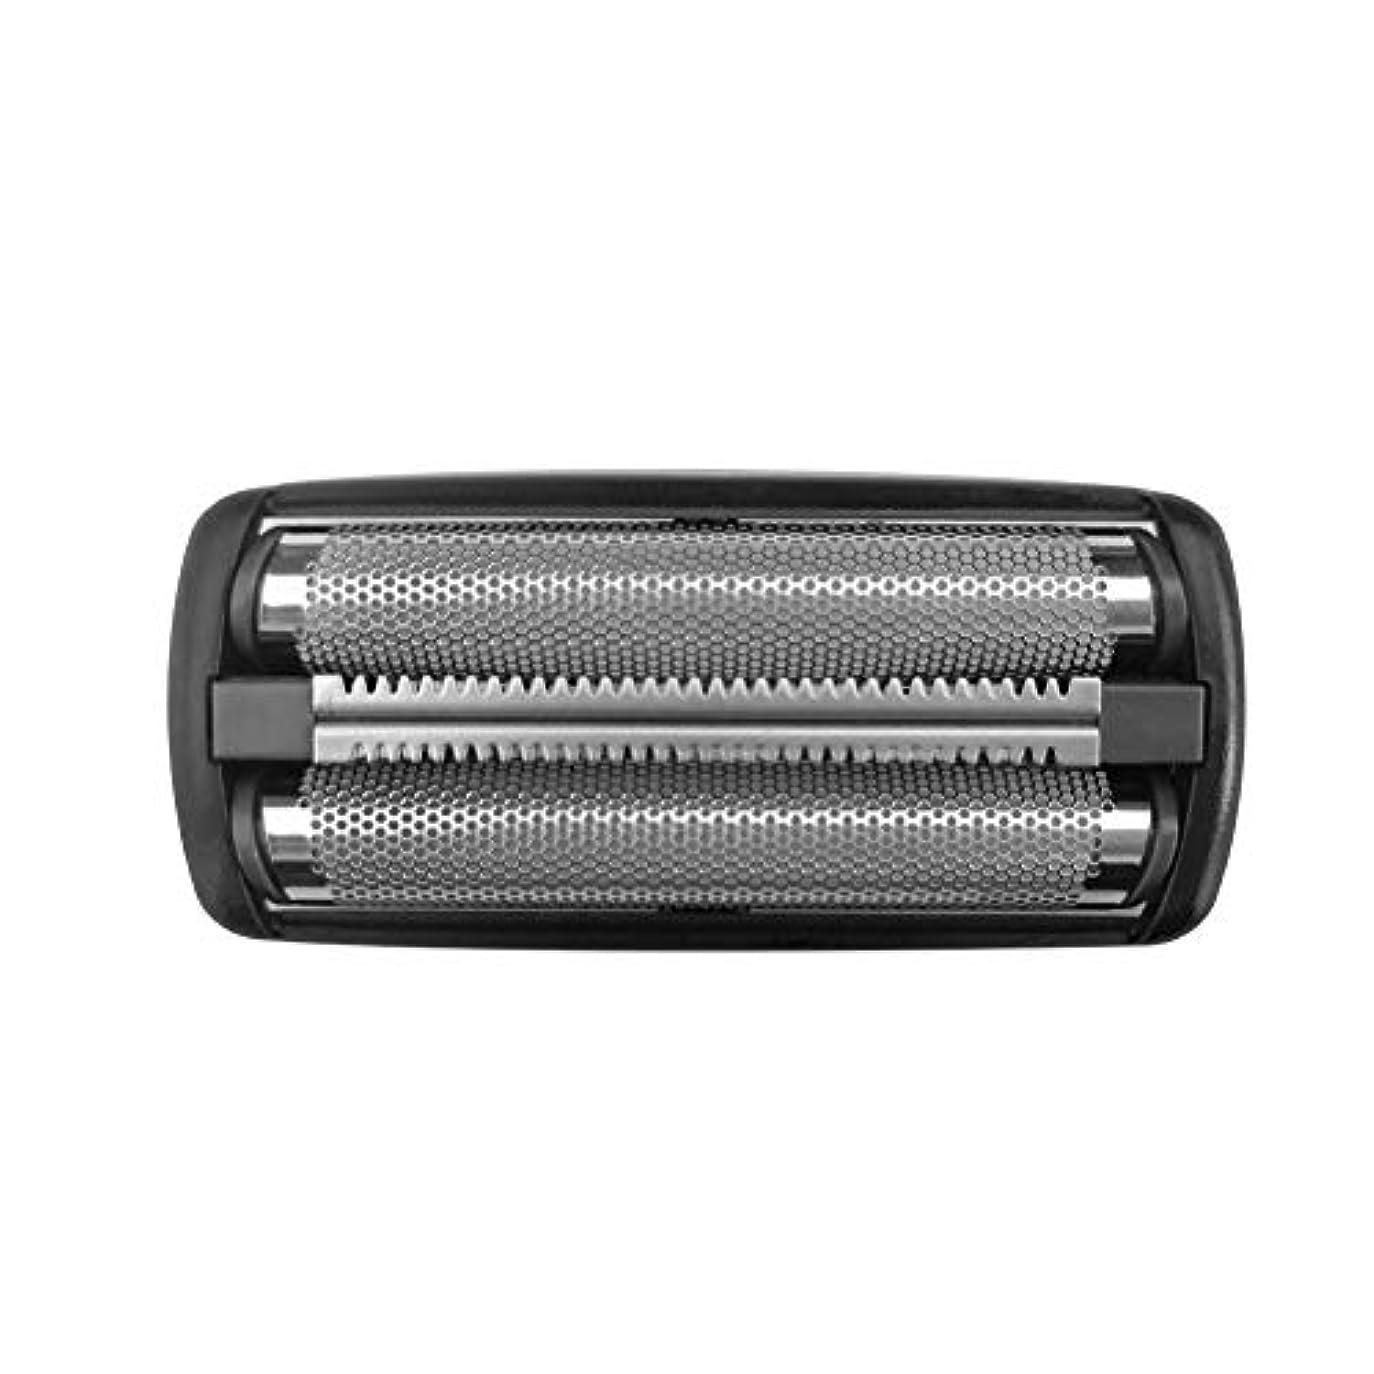 ペグハンサムハック電気シェーバー 替え刃 メンズシェーバー 網刃